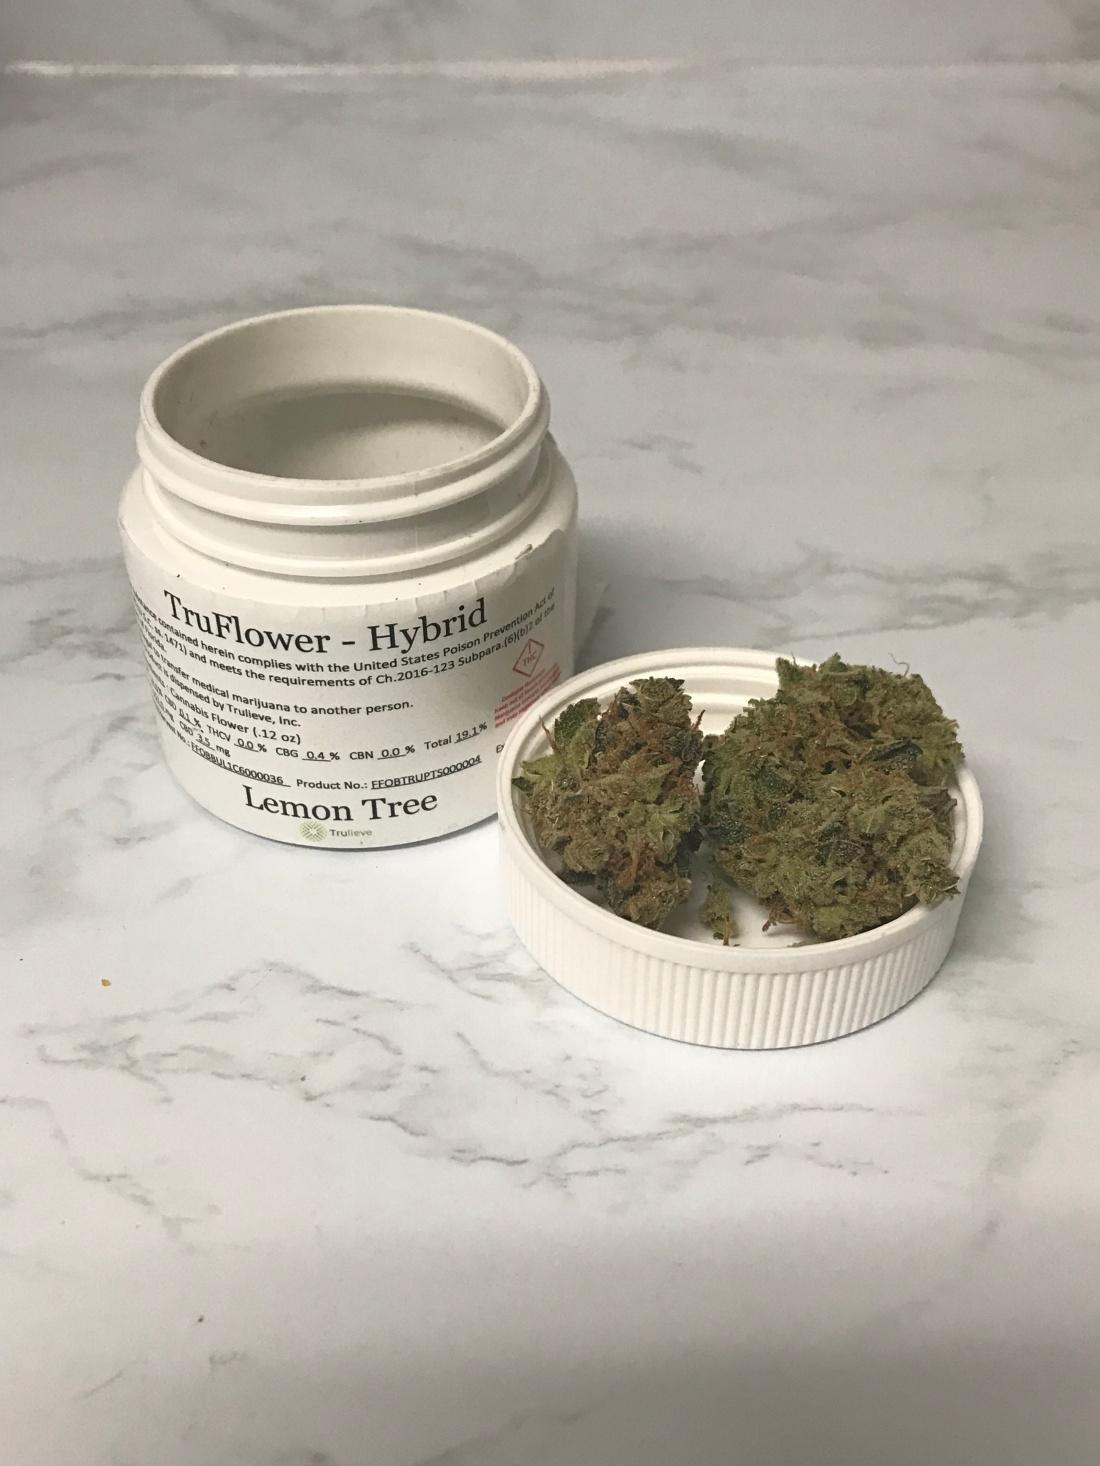 florida medical marijuana product reviews – Florida Medical Cannabis